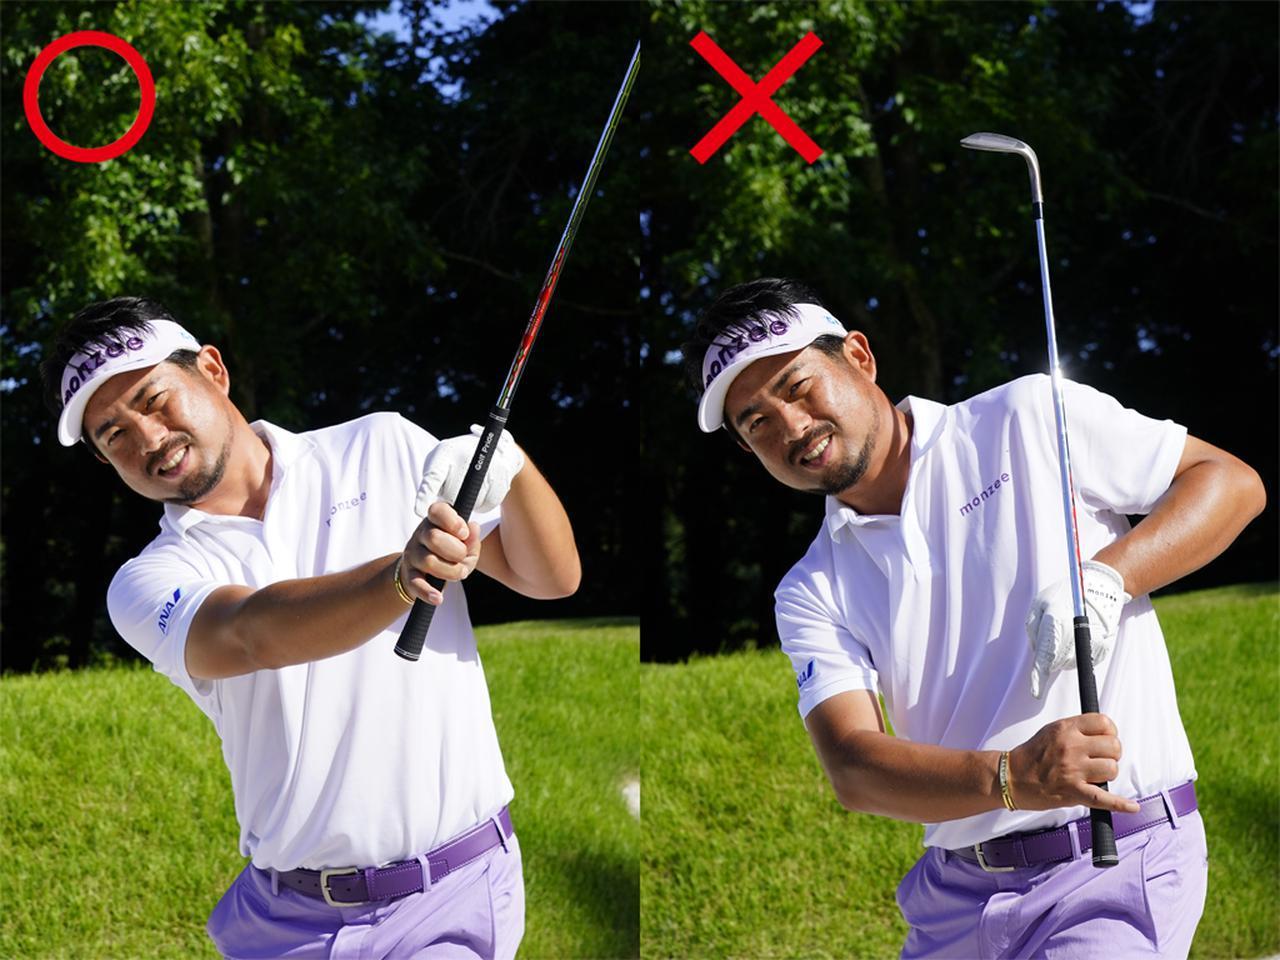 画像1: ロフトを立てて打てば 球が前に飛ぶ